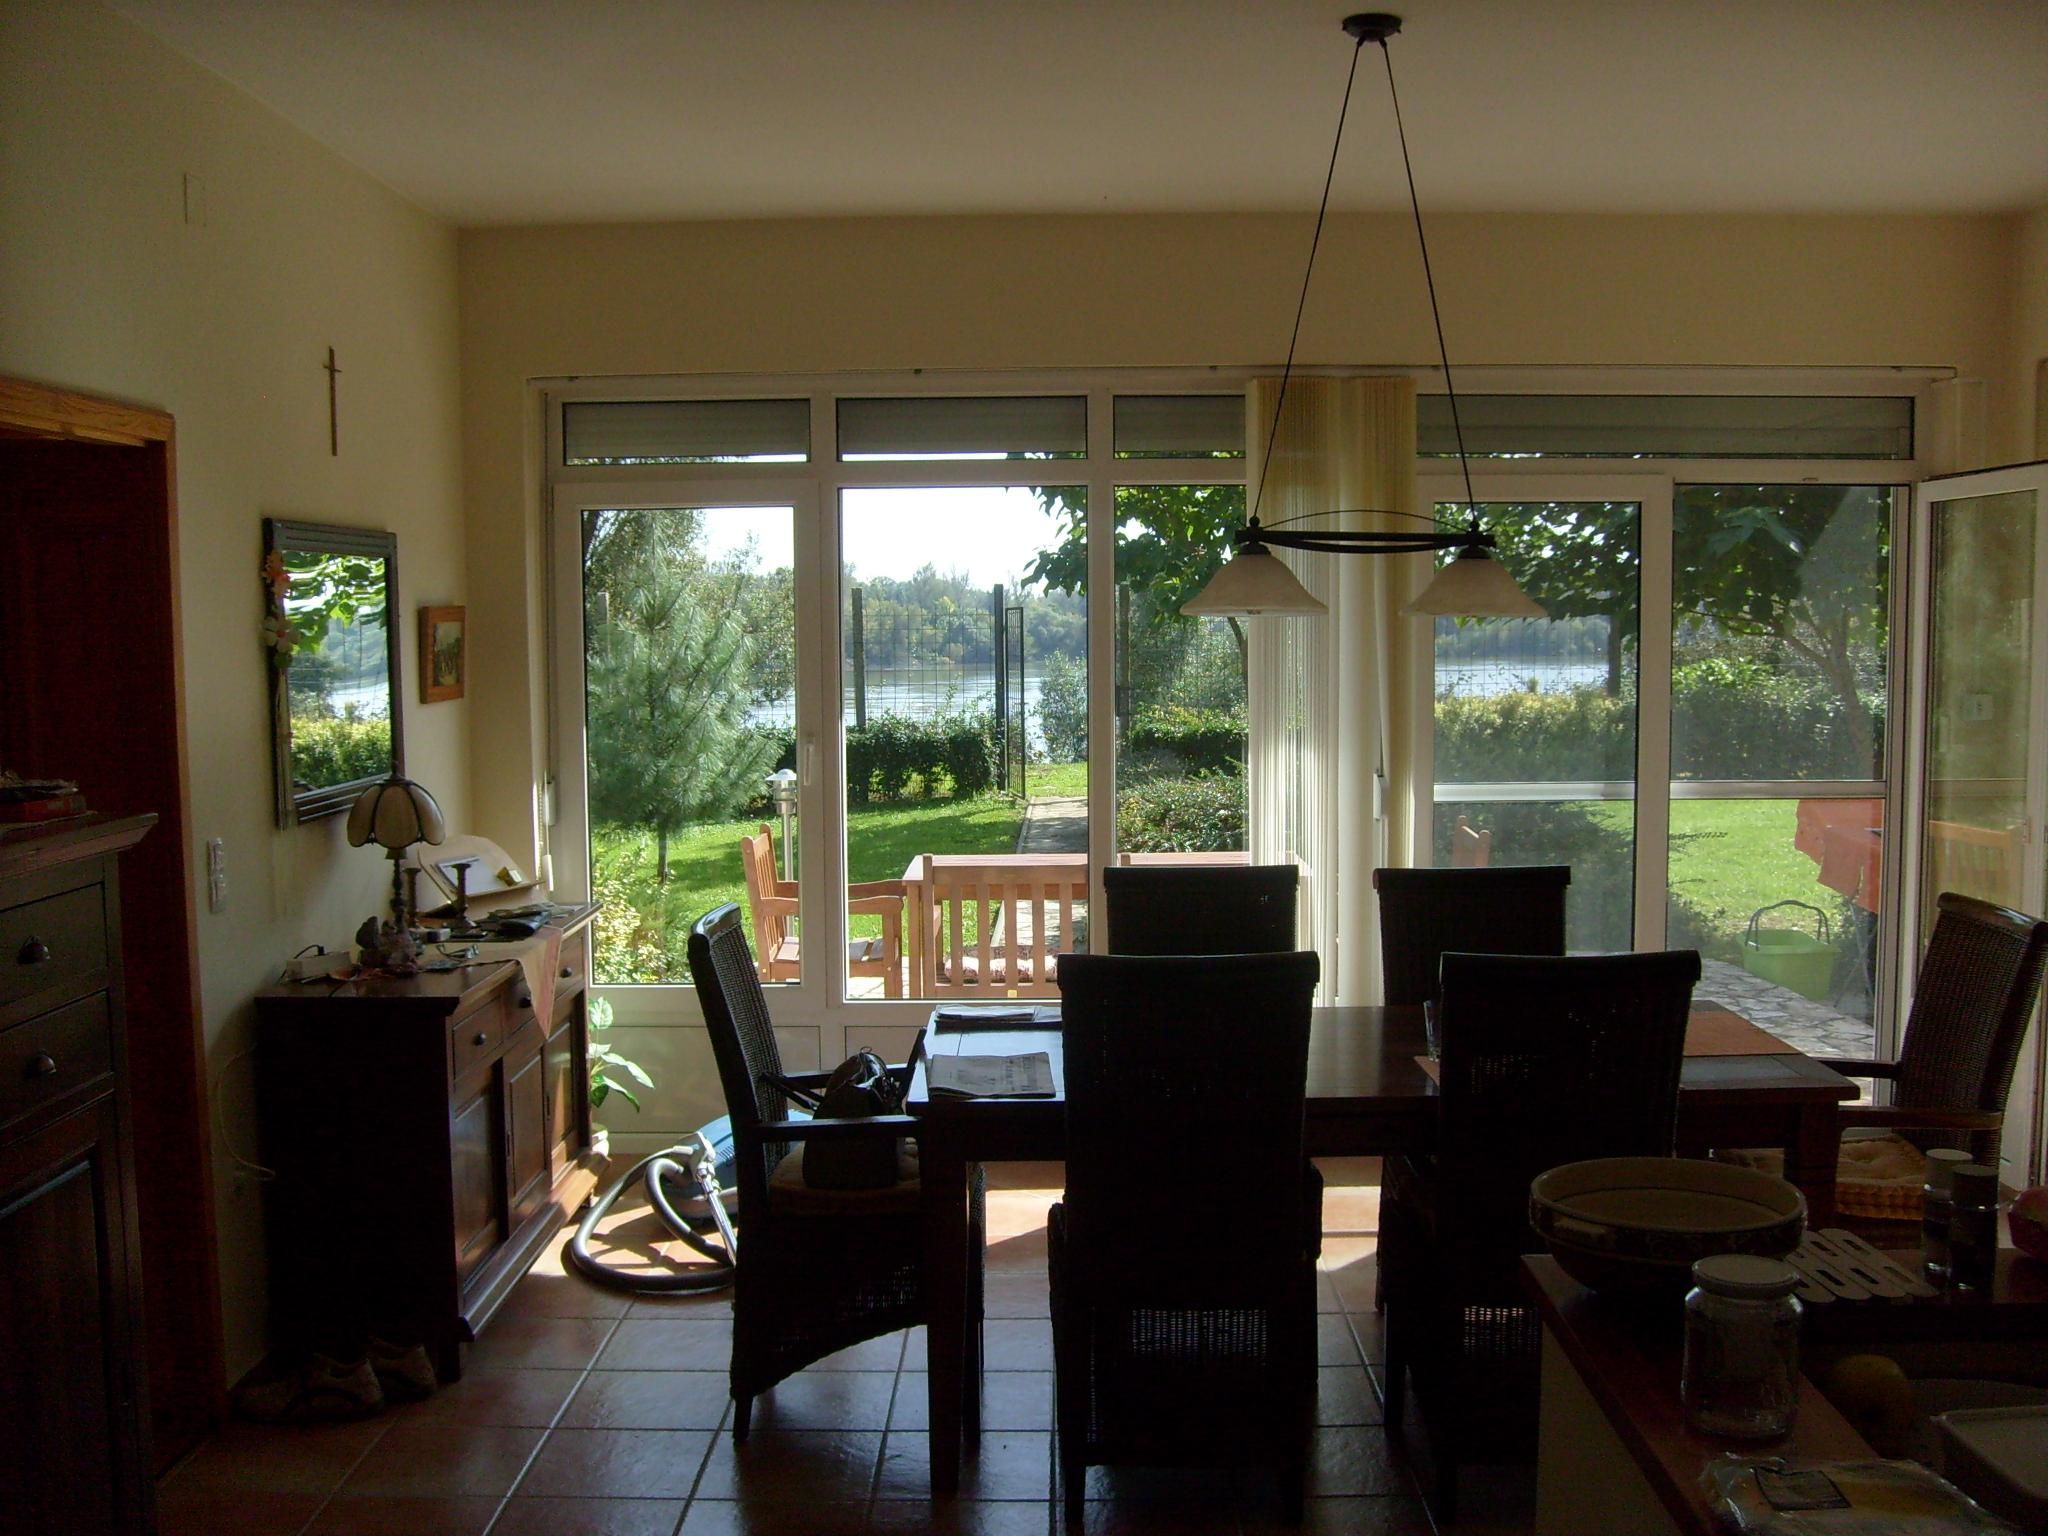 Immobilien zweifamilien h user kleinanzeigen for Ideales fachwerk